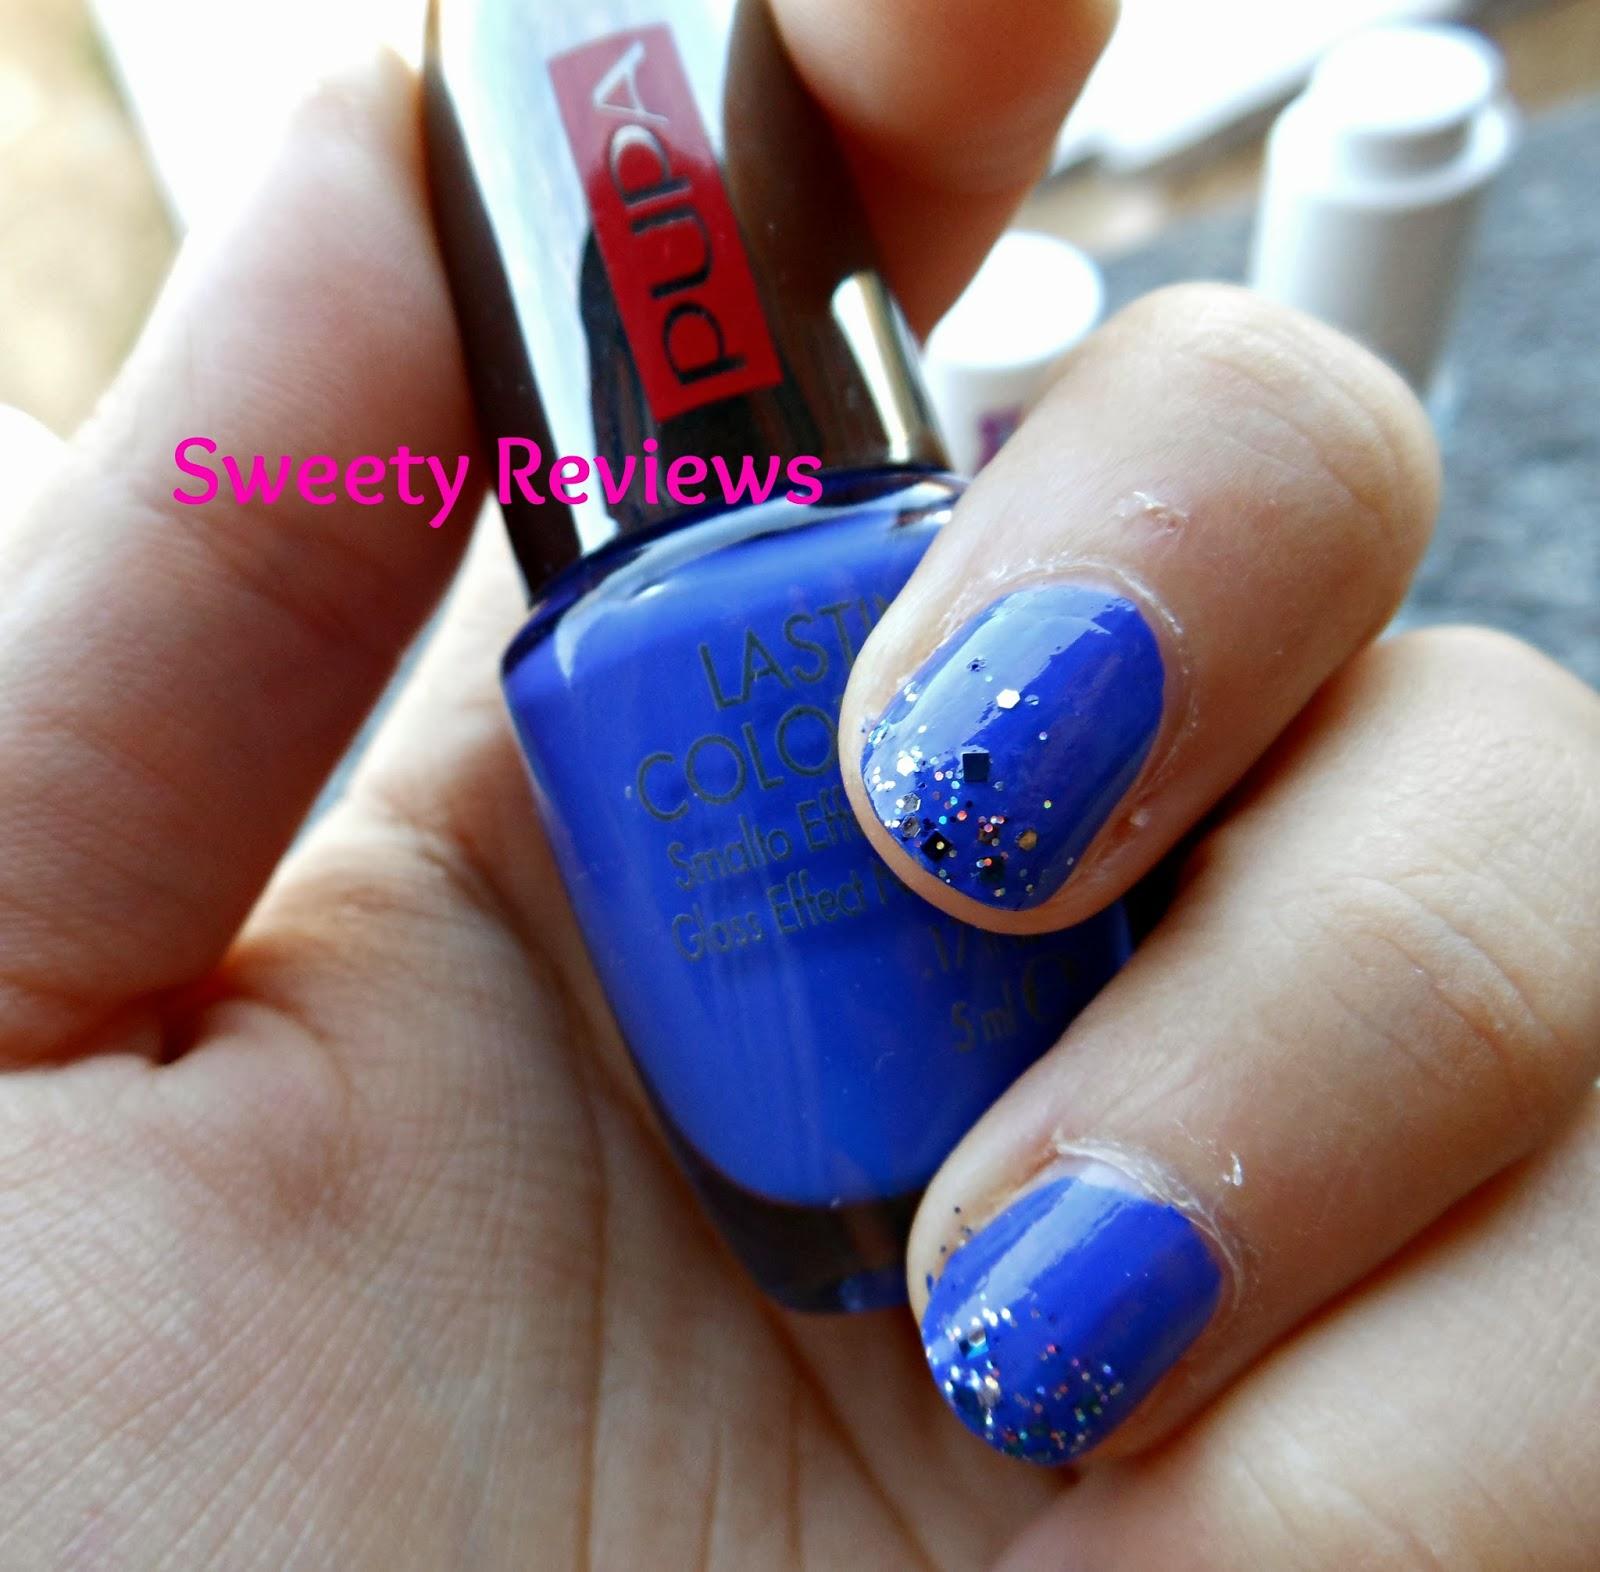 Sweety Reviews: [Swatch] Lasting color gel n. 54 Pupa Blue ...